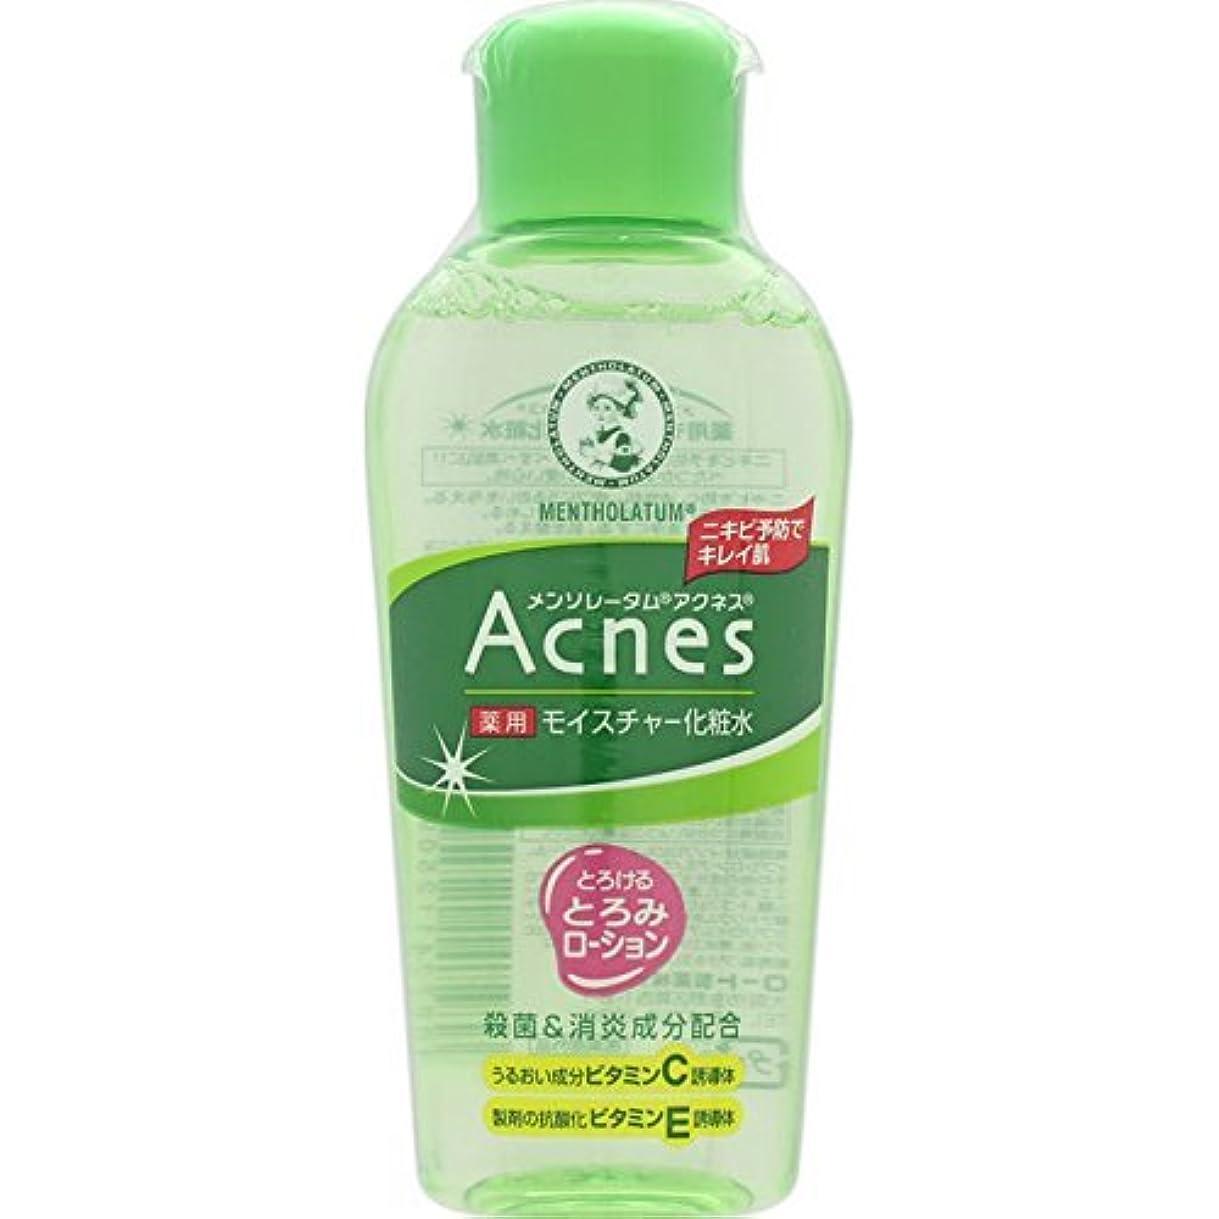 音声満了調子Acnes(アクネス) 薬用モイスチャー化粧水 120mL【医薬部外品】